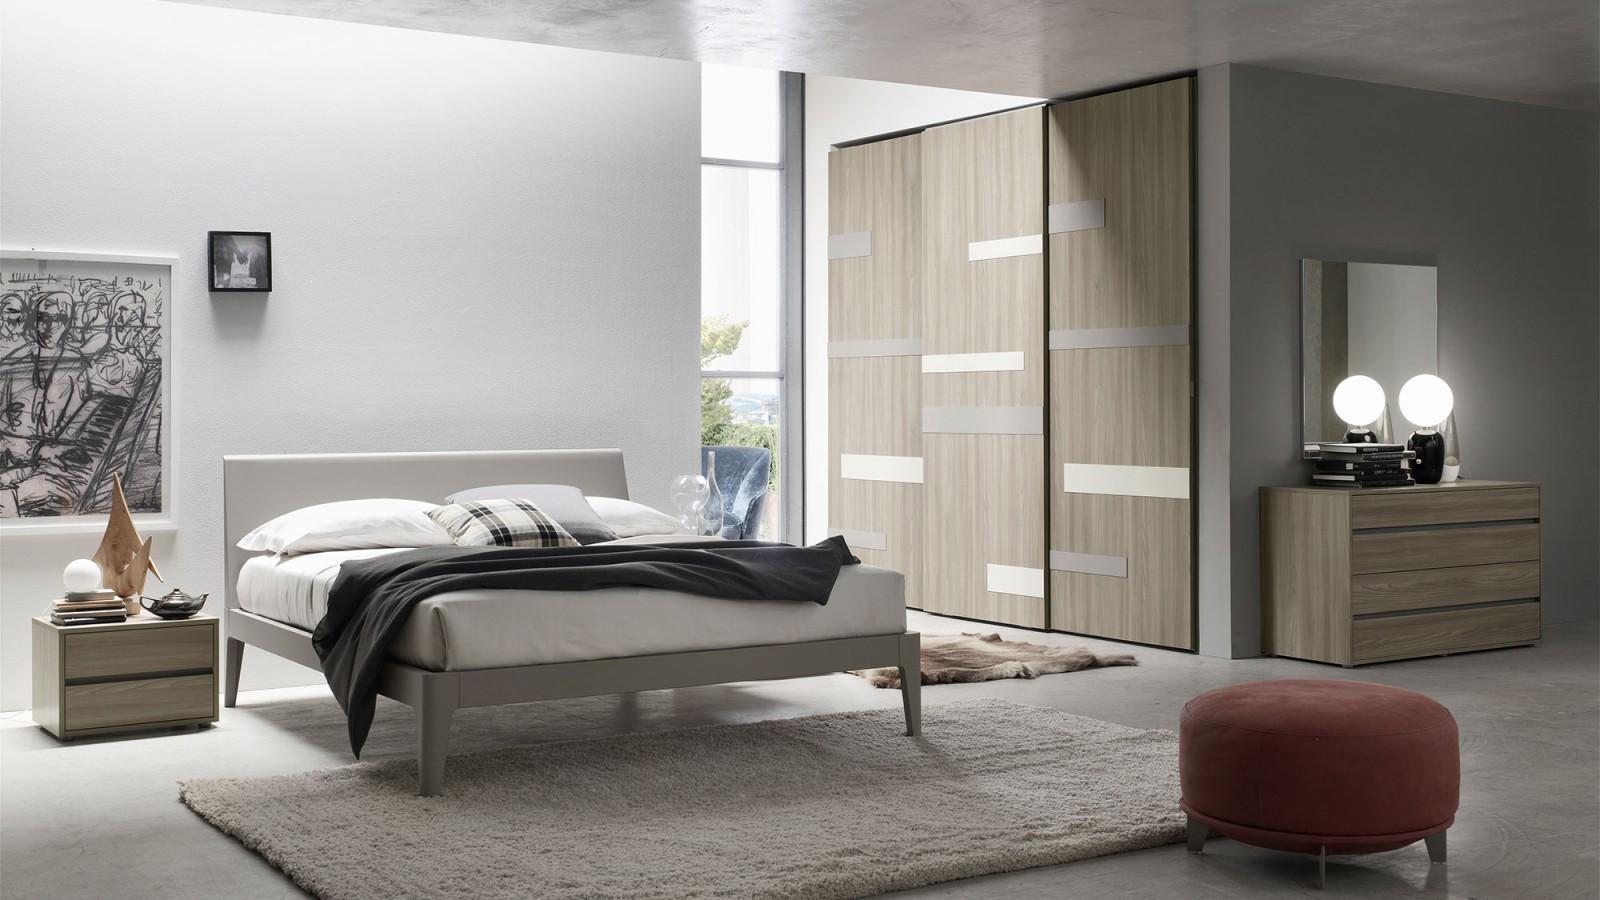 Letto penelope letti in legno programma notte orme for Programma design interni